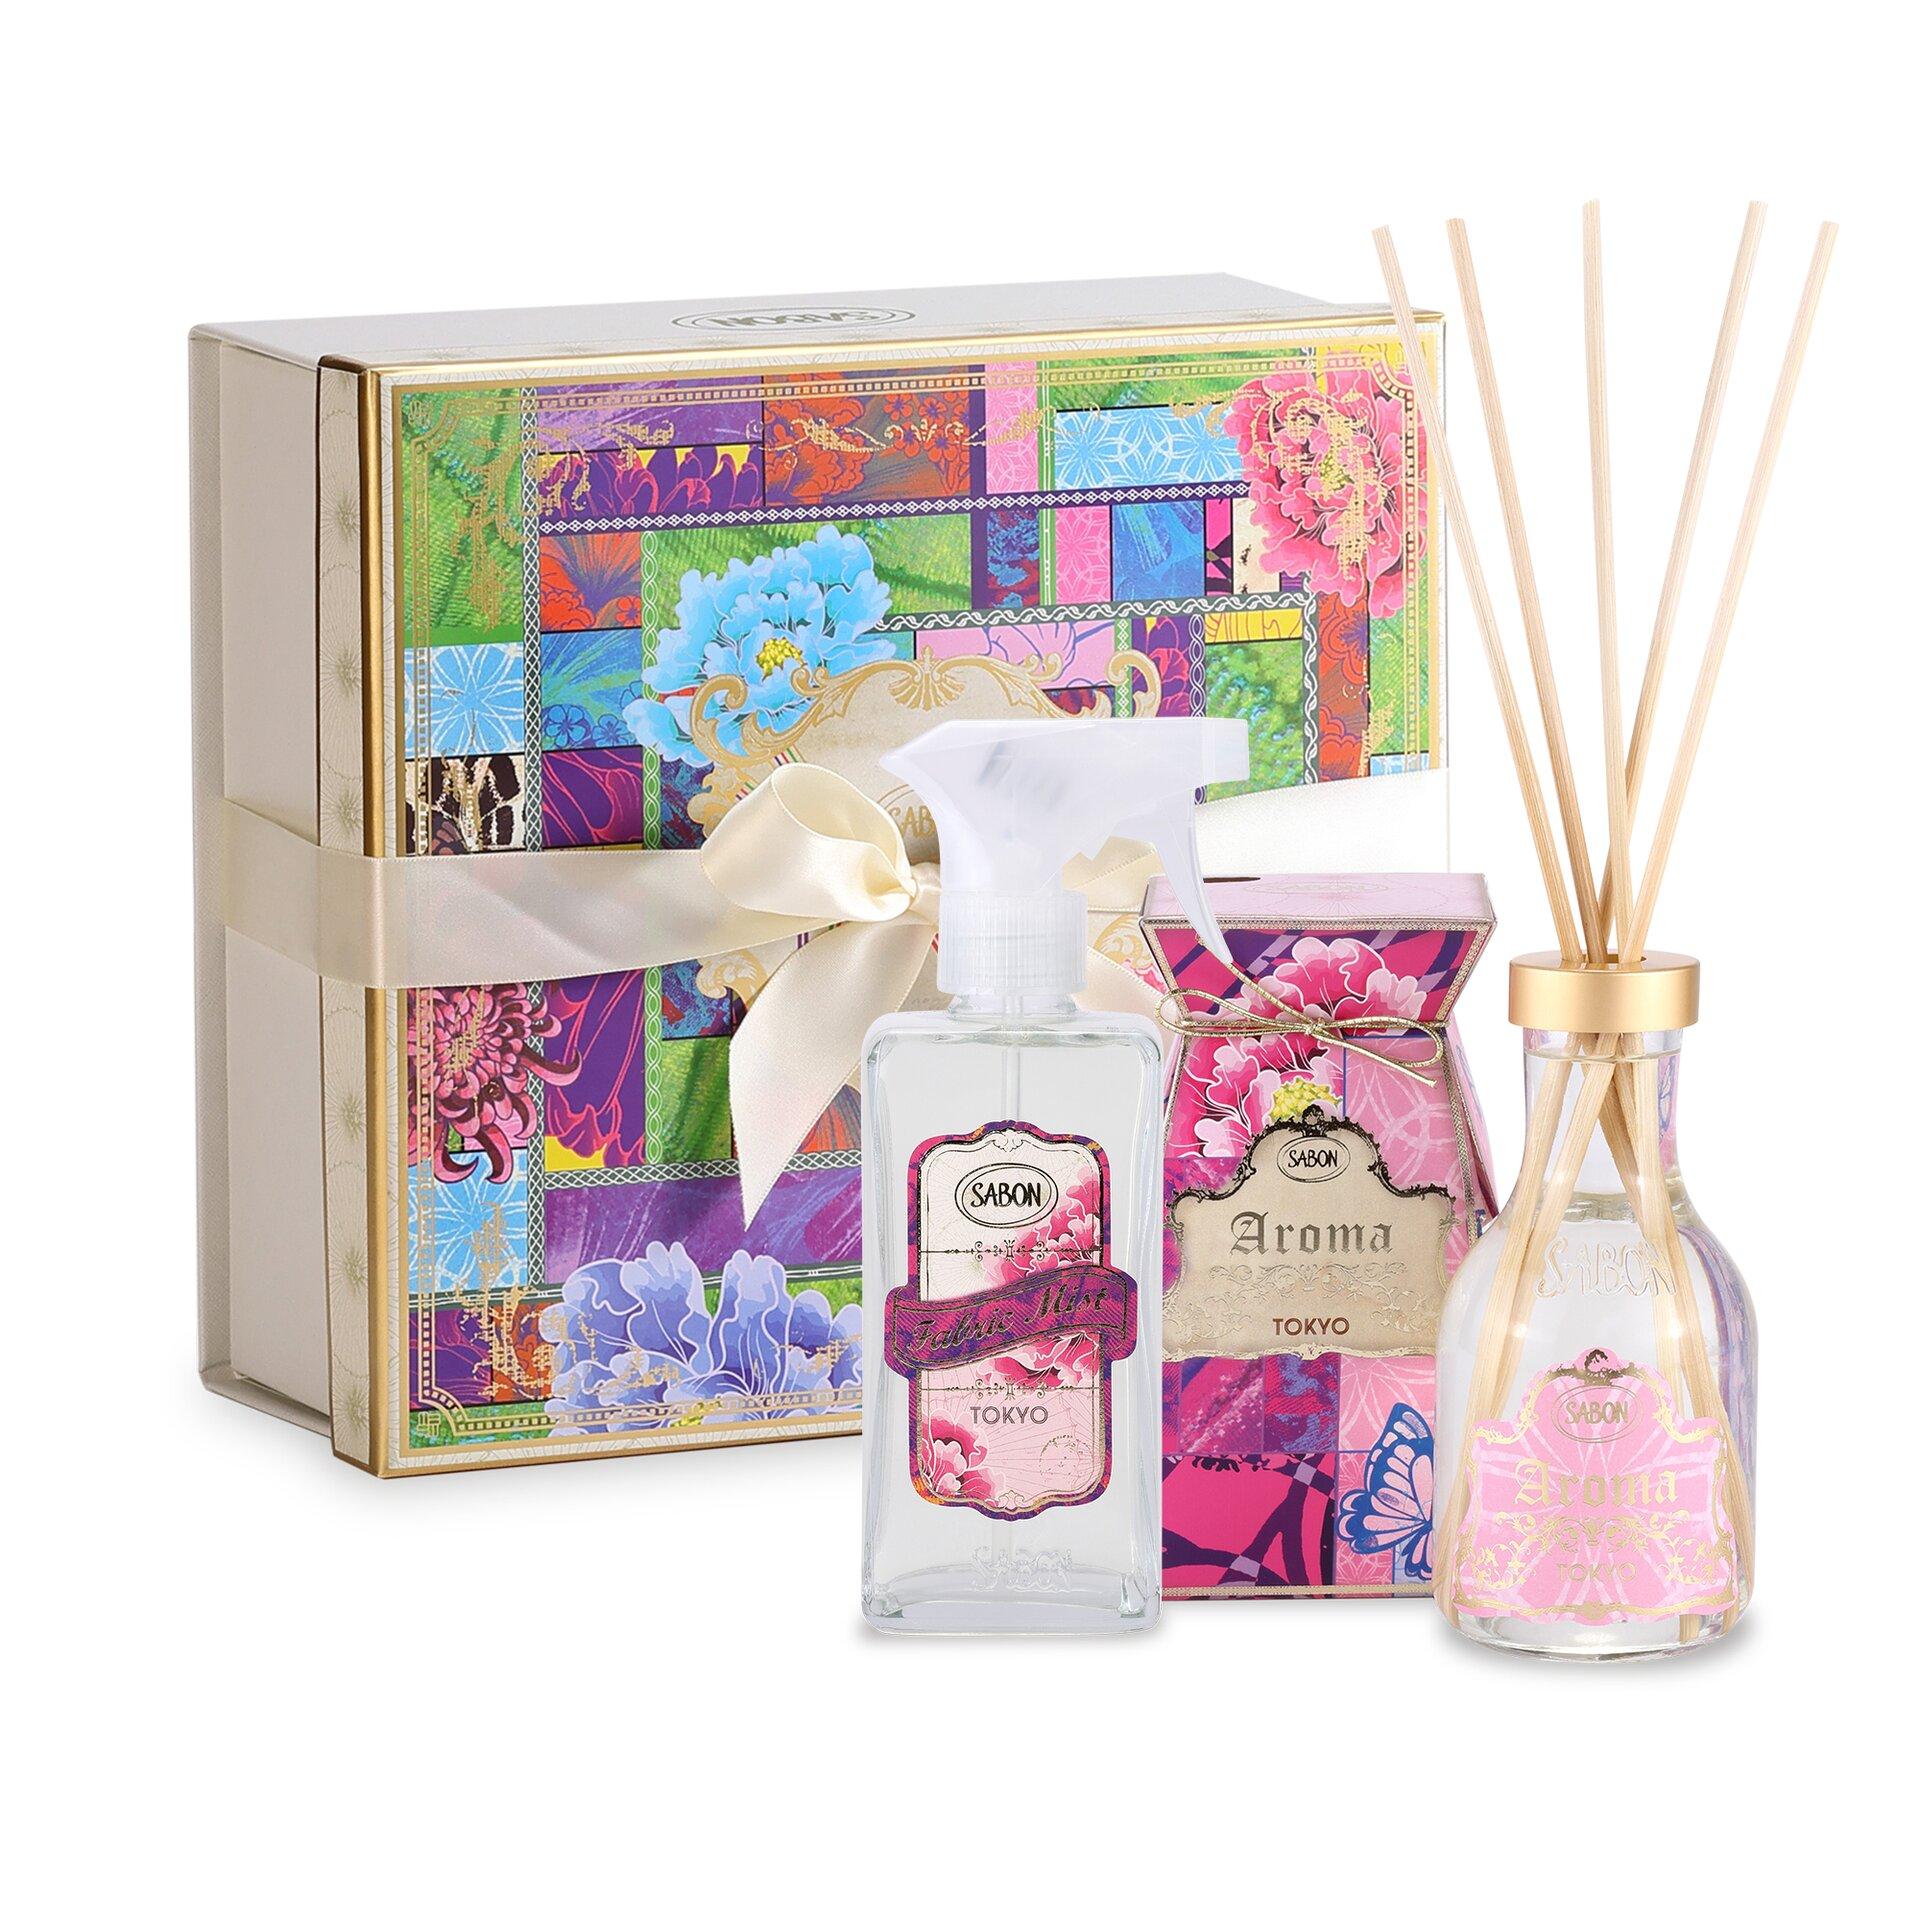 Gift Set Tokyo at Home